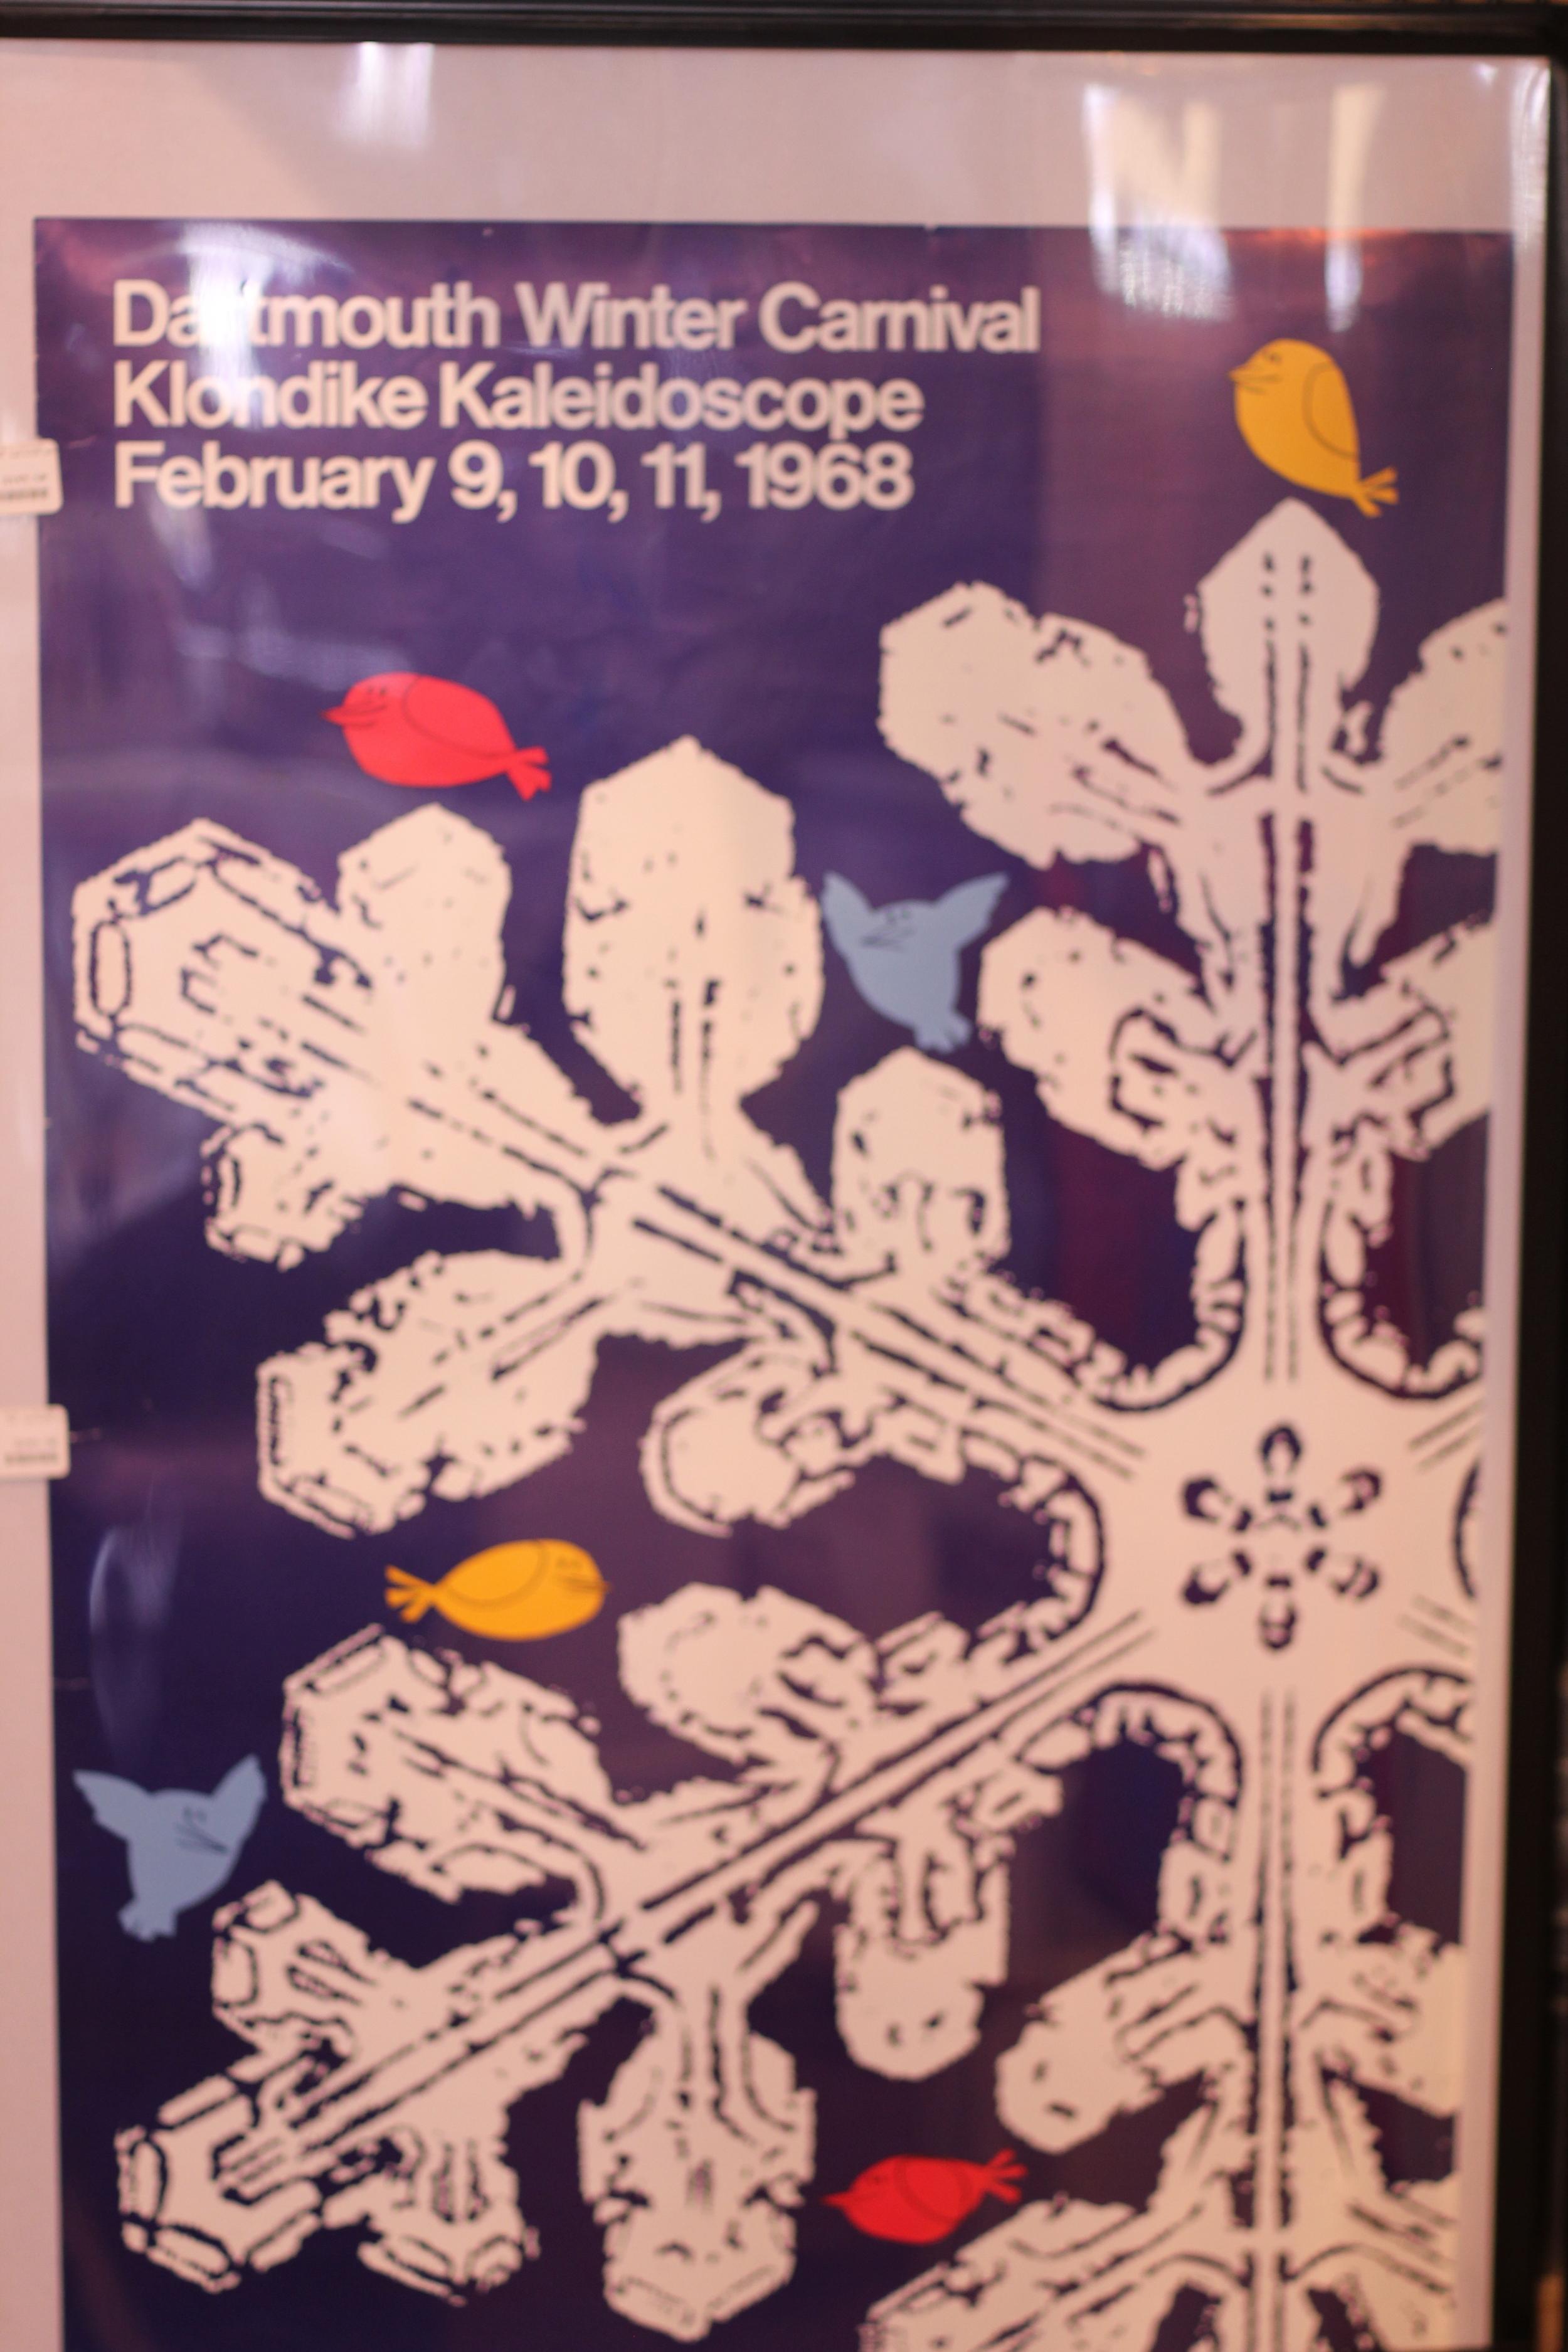 Dartmouth Winter Carnival 1968 (blue)